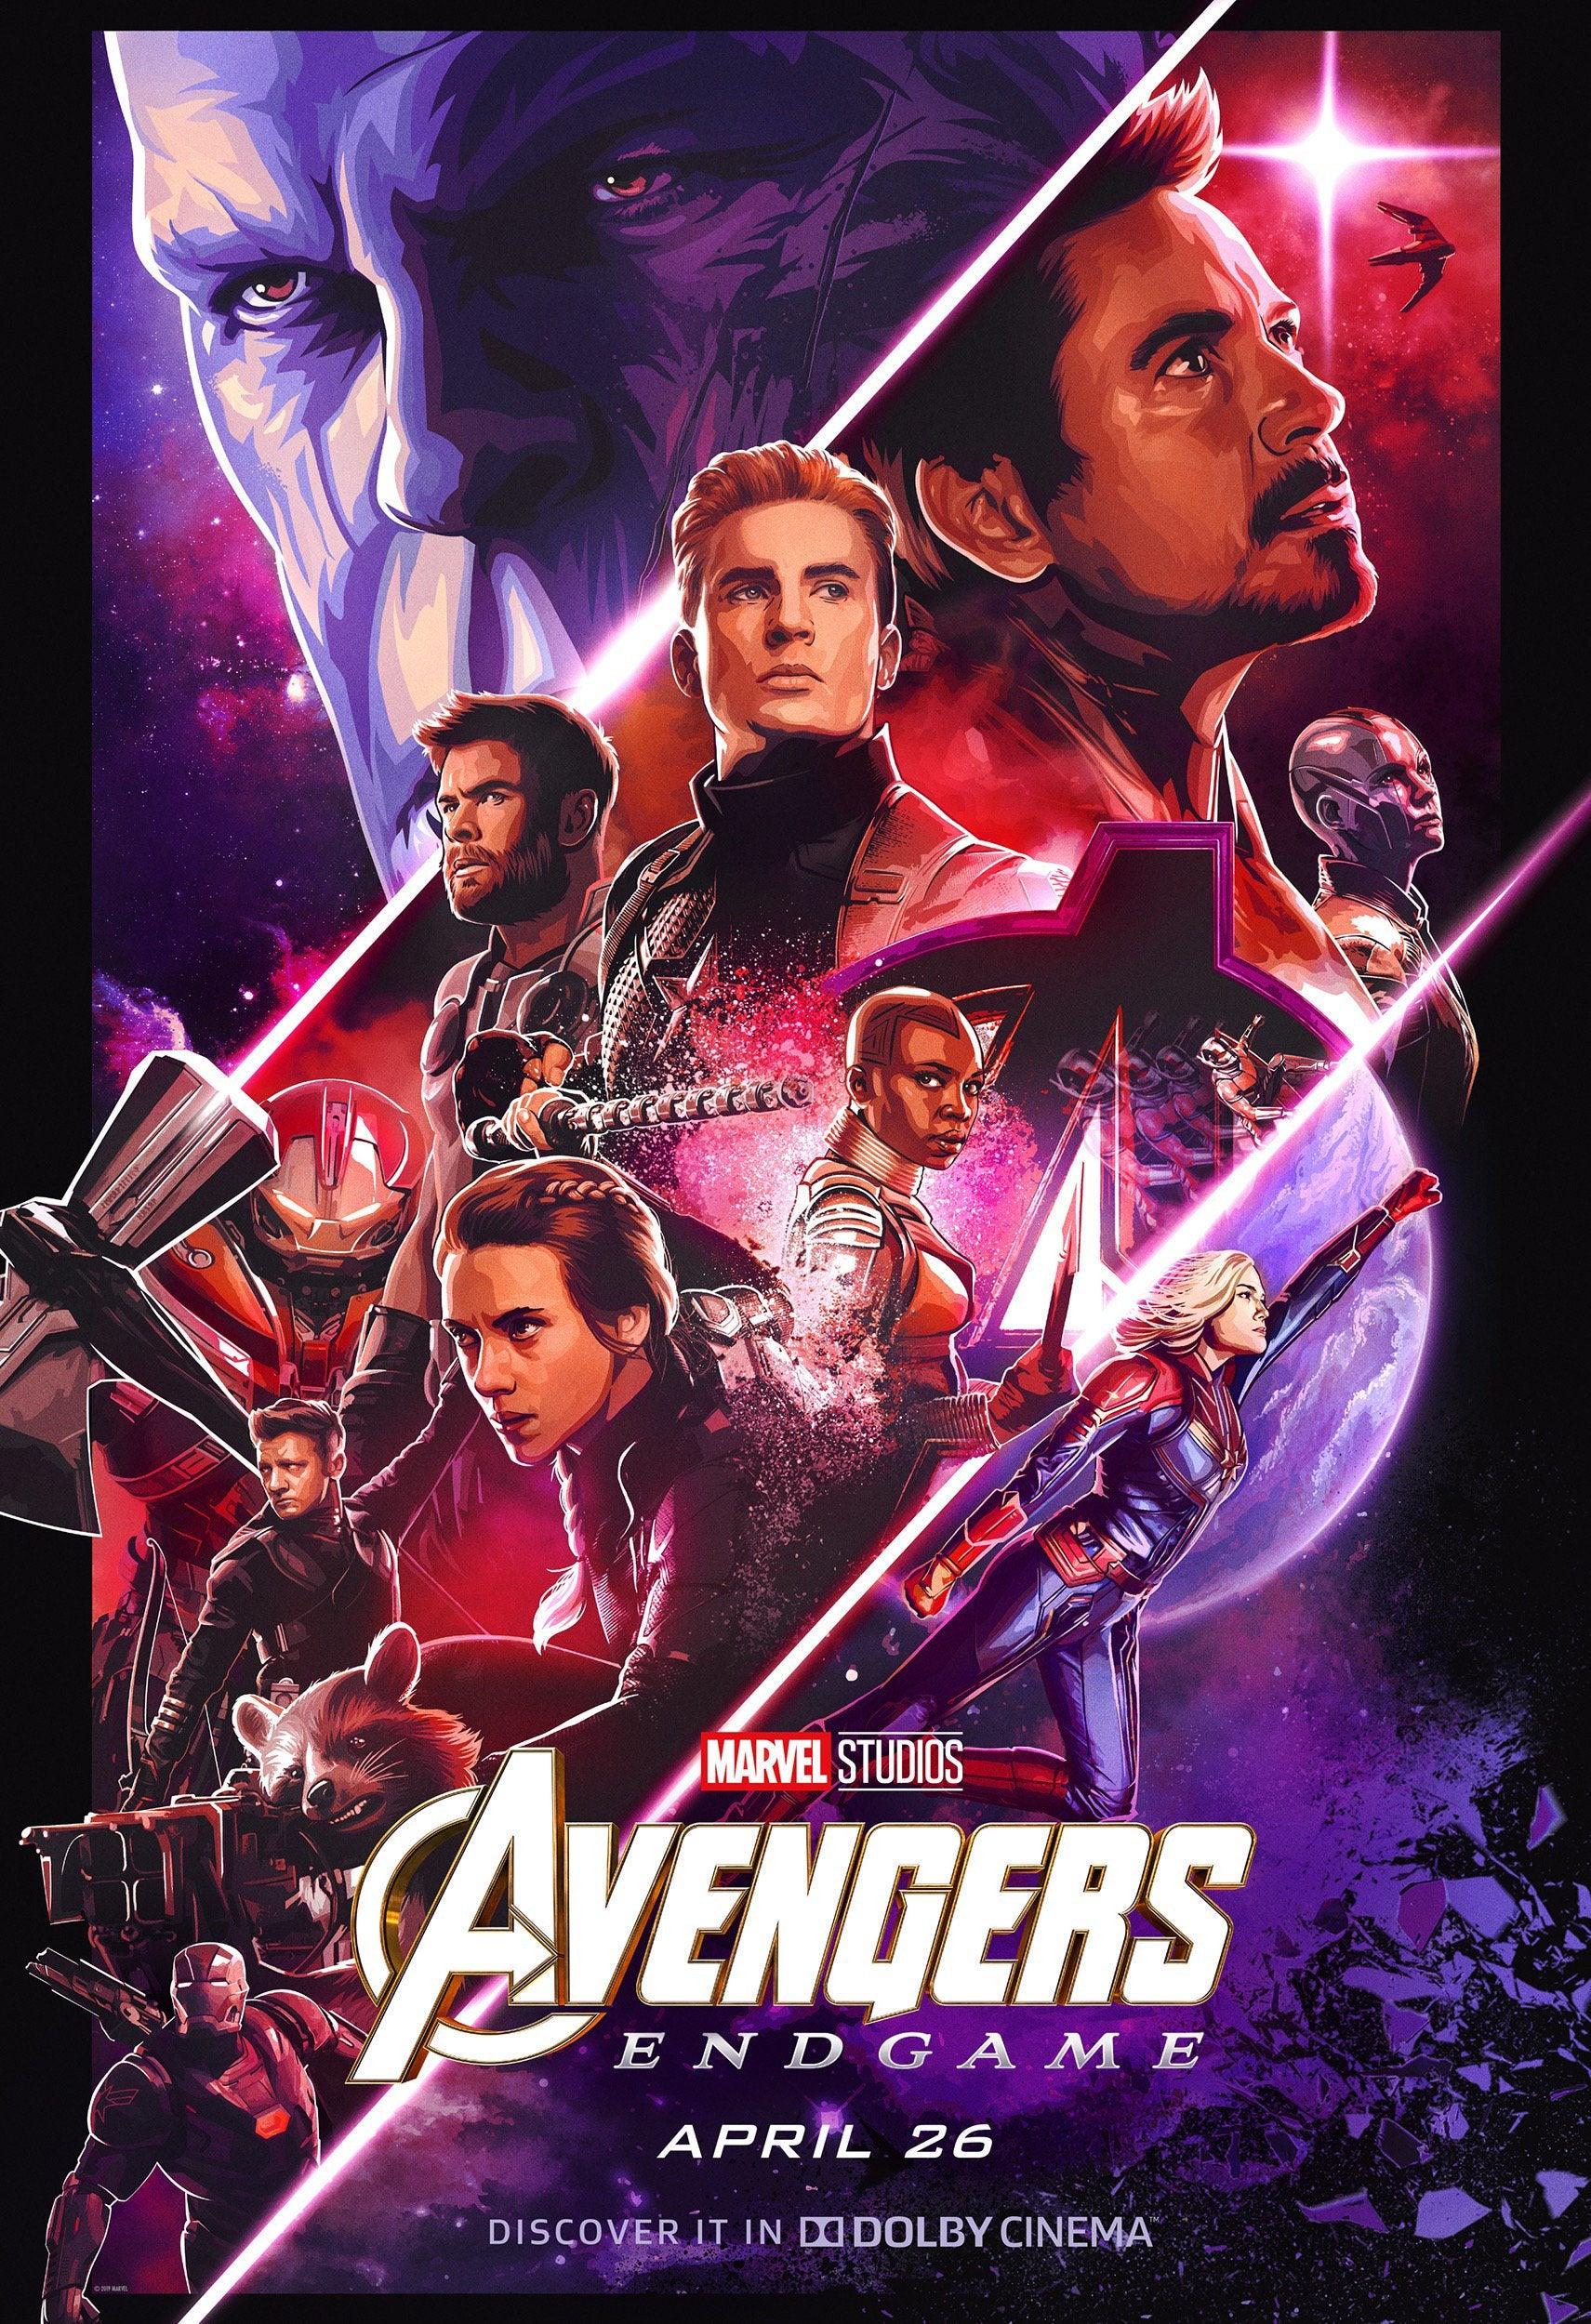 Biệt Đội Siêu Anh Hùng 4: Tàn Cuộc – Avengers 4: Endgame